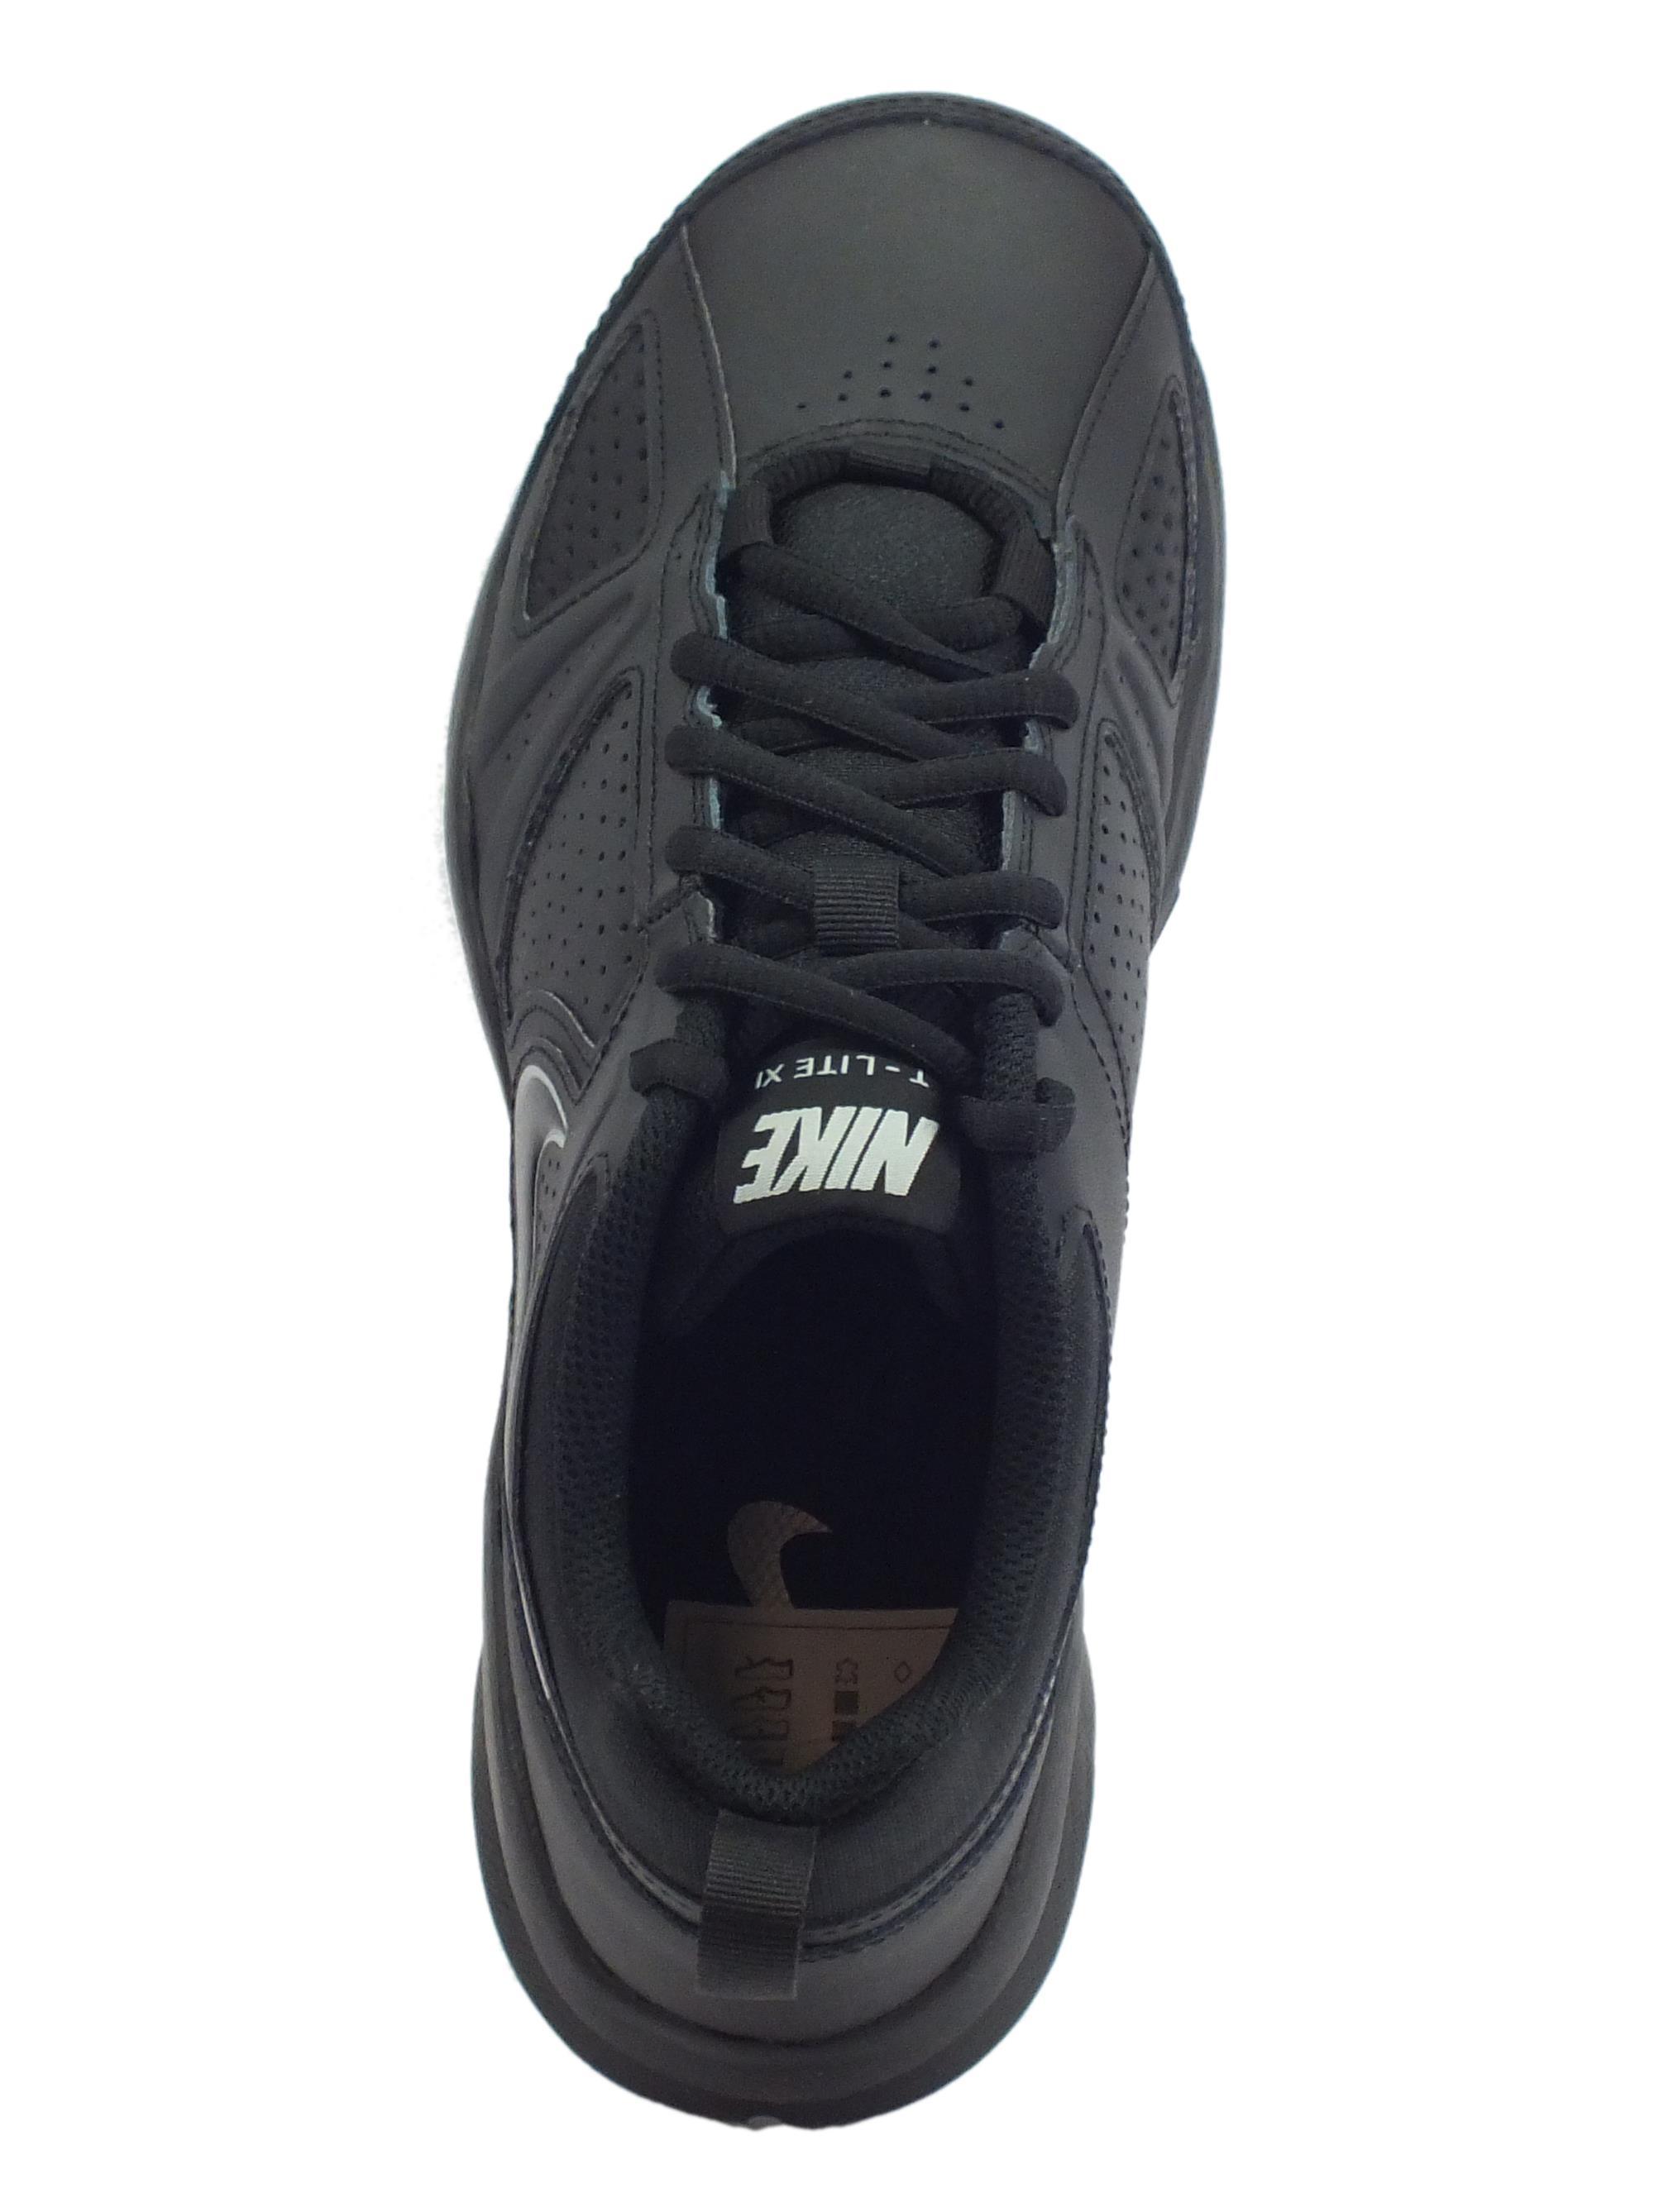 cc47ac5bad26 Scarpe sportive Nike T-Lite XI uomo pelle nera - Vitiello Calzature